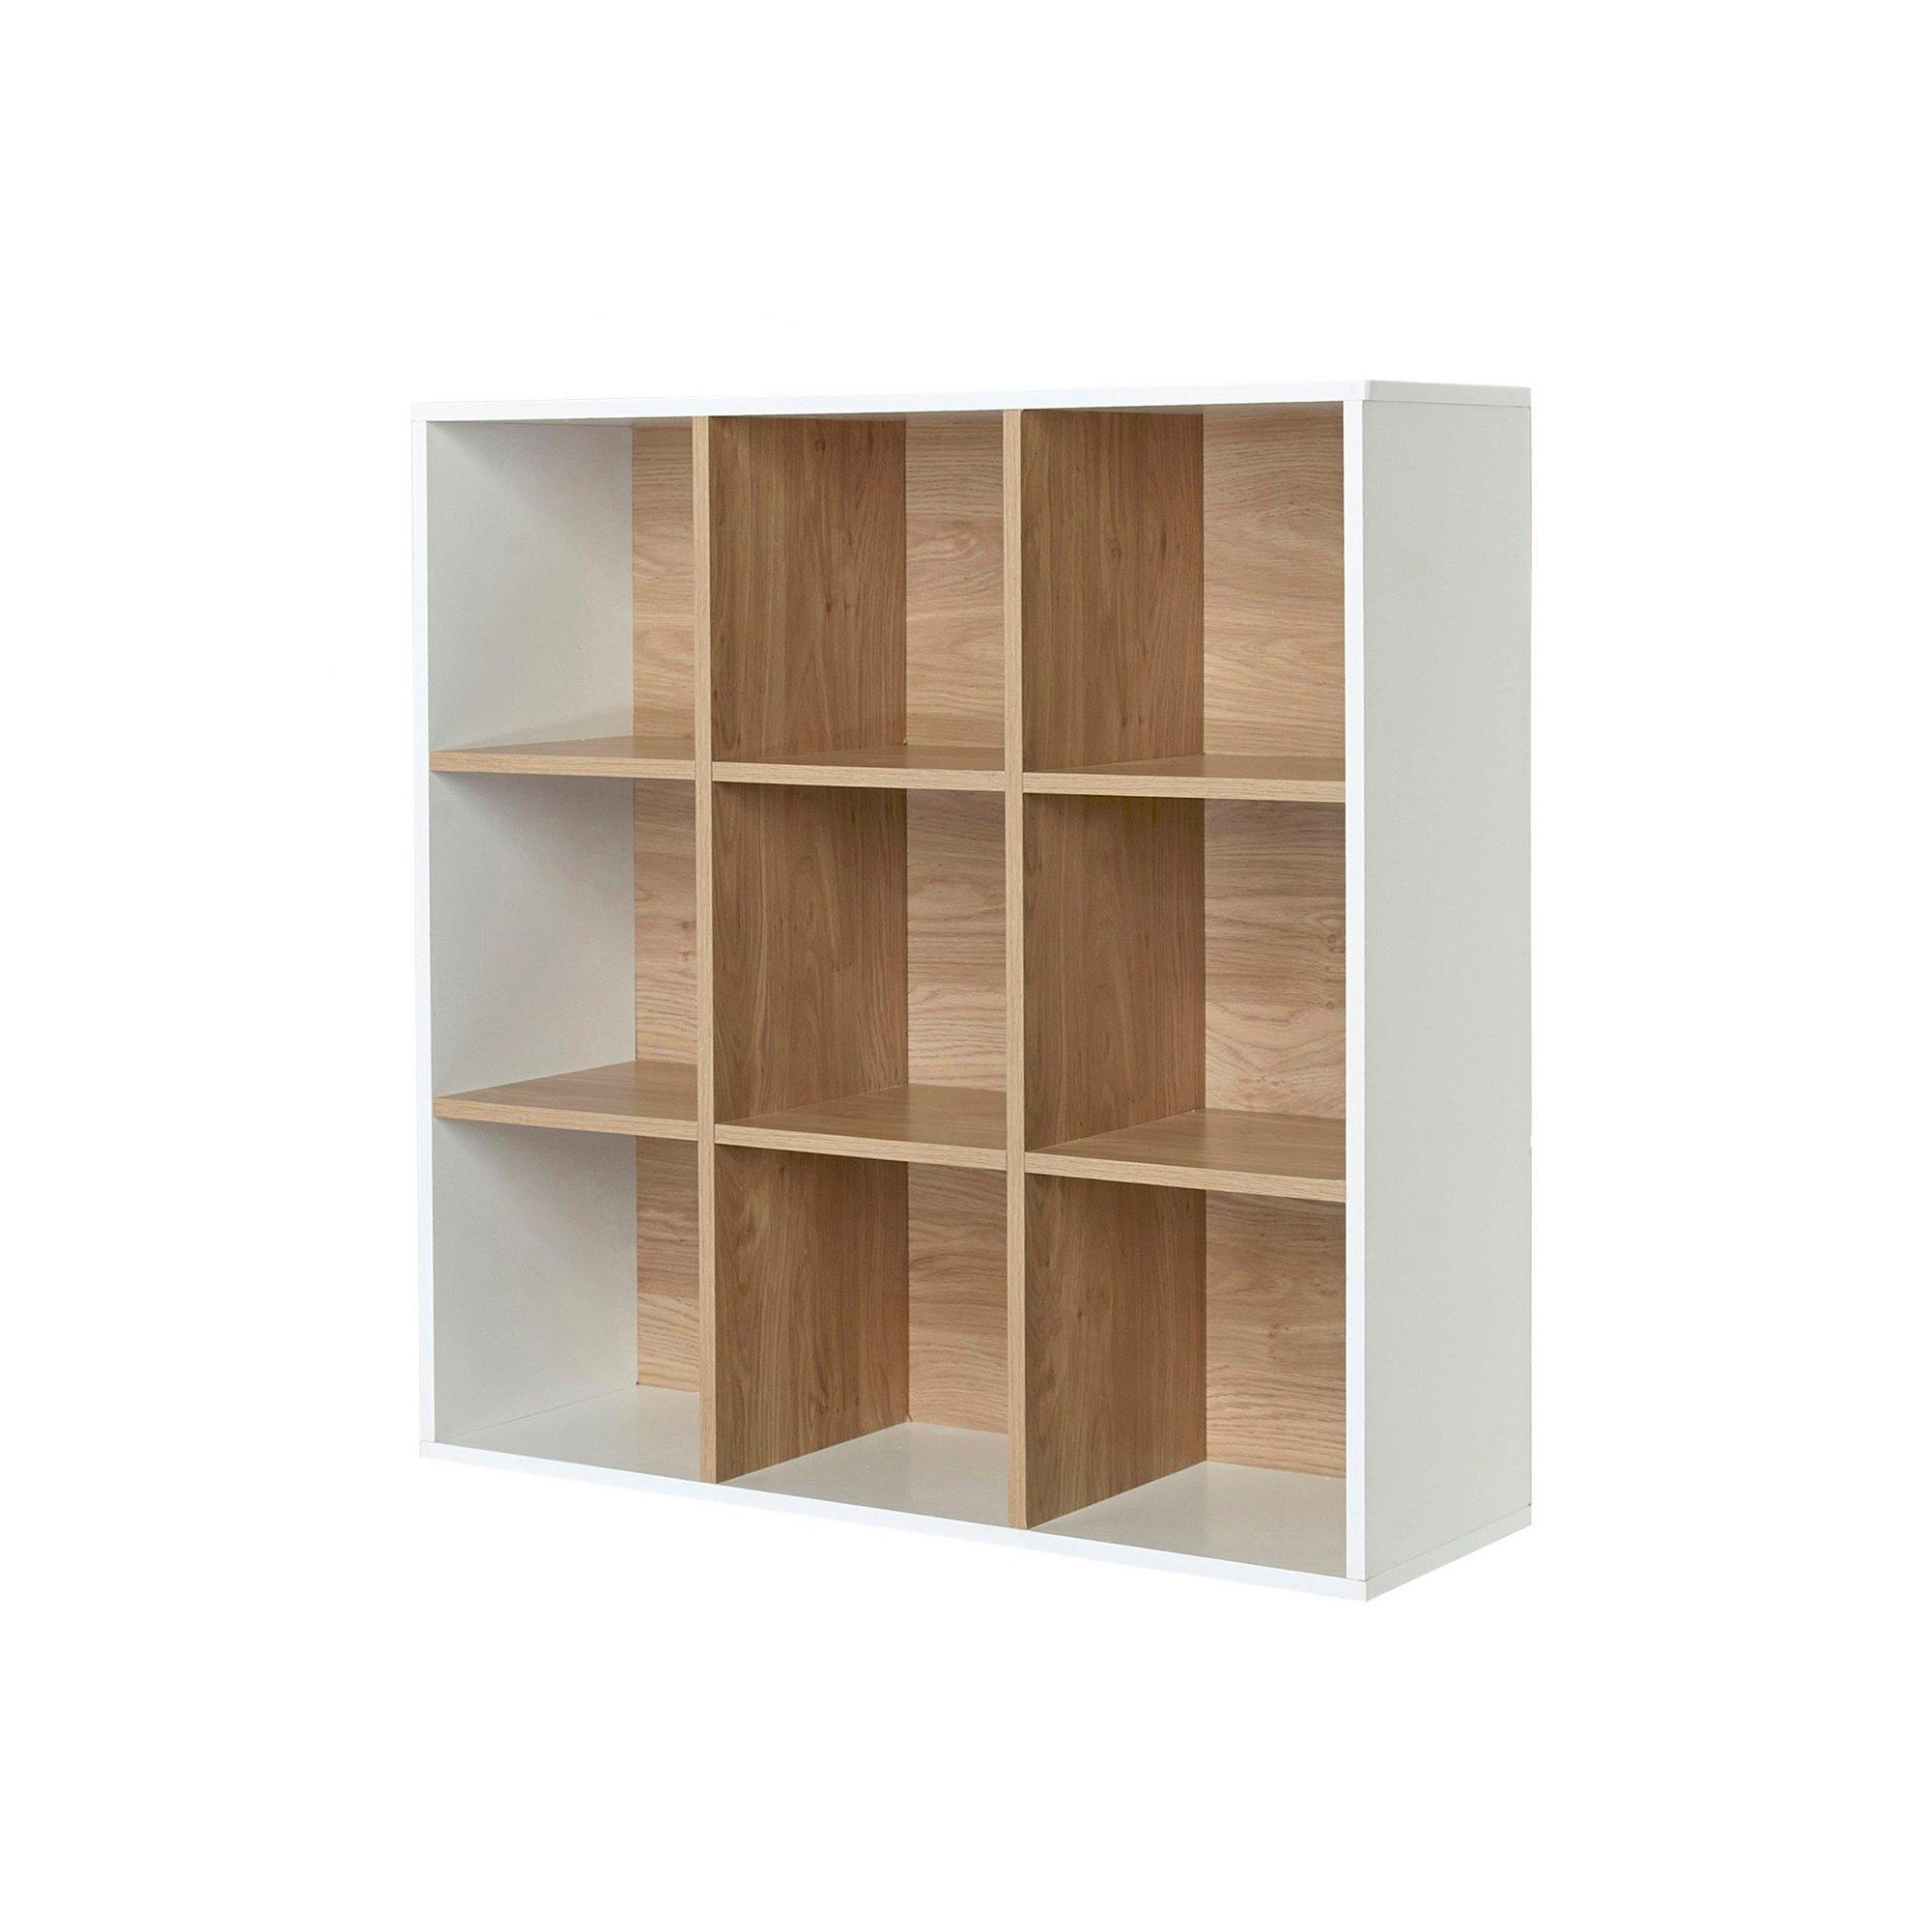 Image of 9 Cube Storage Unit